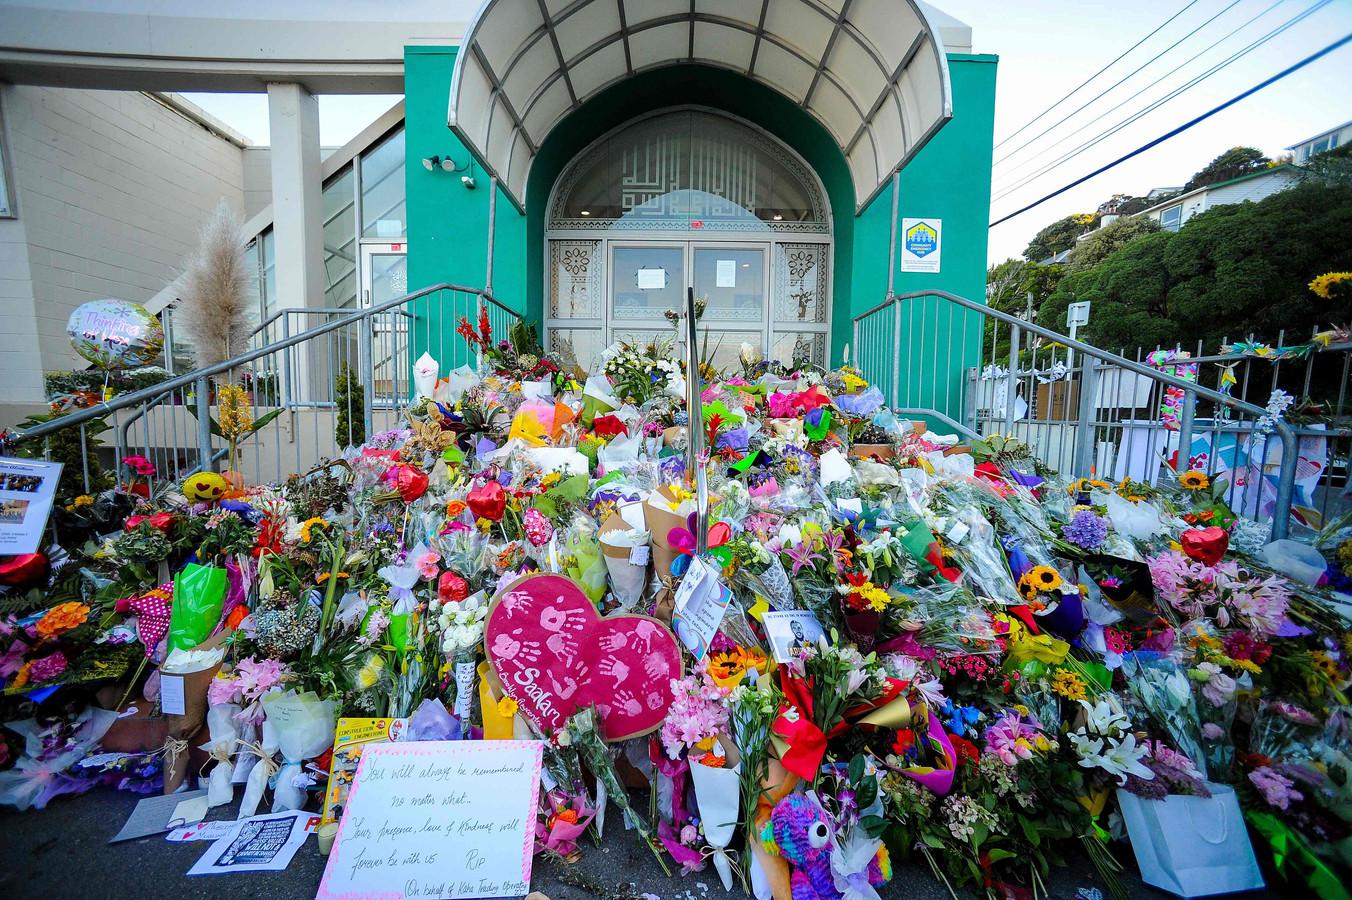 Bloemen voor de slachtoffers van de aanslag in Nieuw-Zeeland.